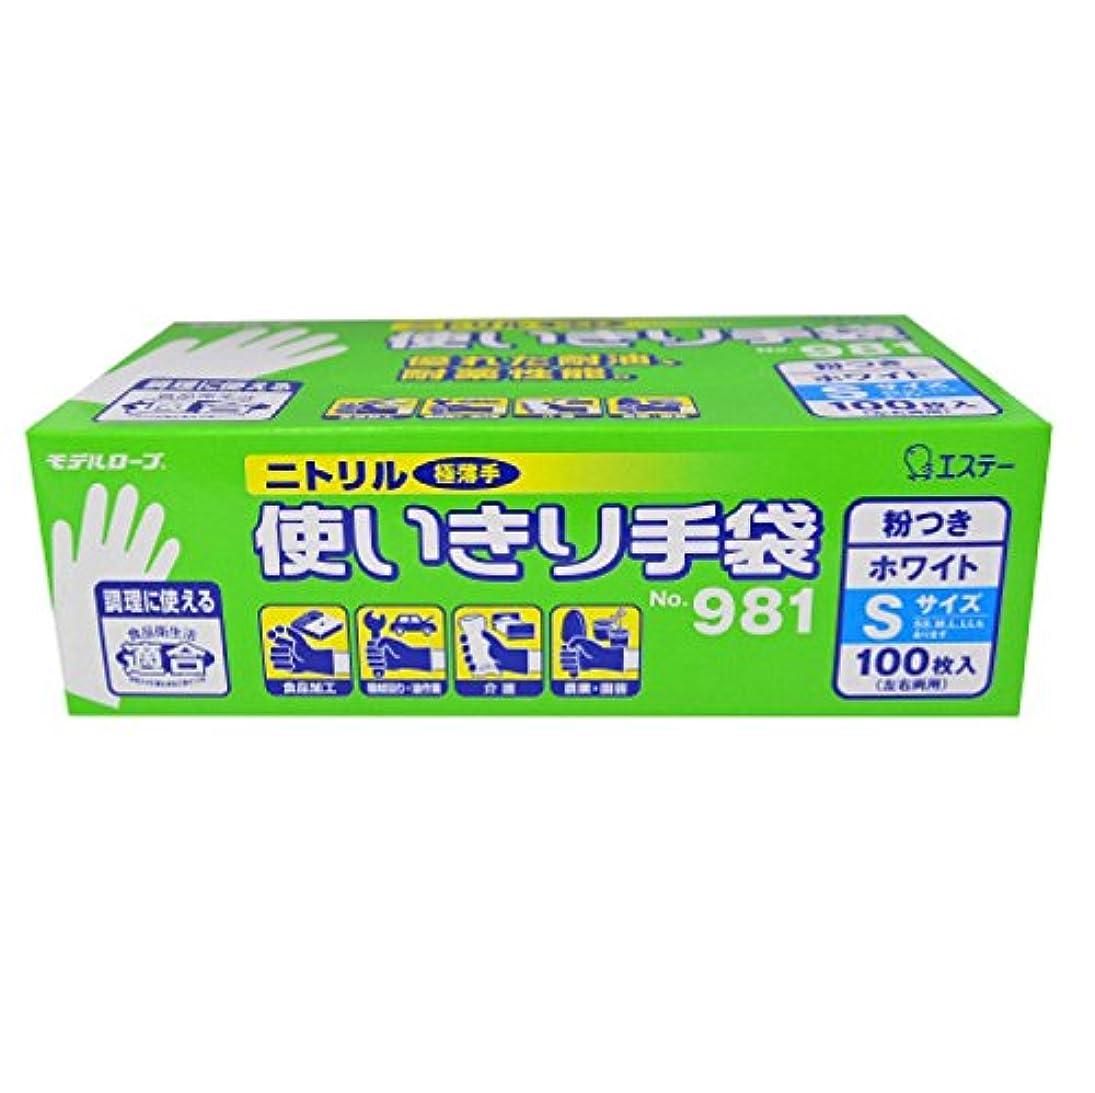 小間卑しい流すエステー/ニトリル使いきり手袋 箱入 (粉つき) [100枚入]/品番:981 サイズ:L カラー:ブルー